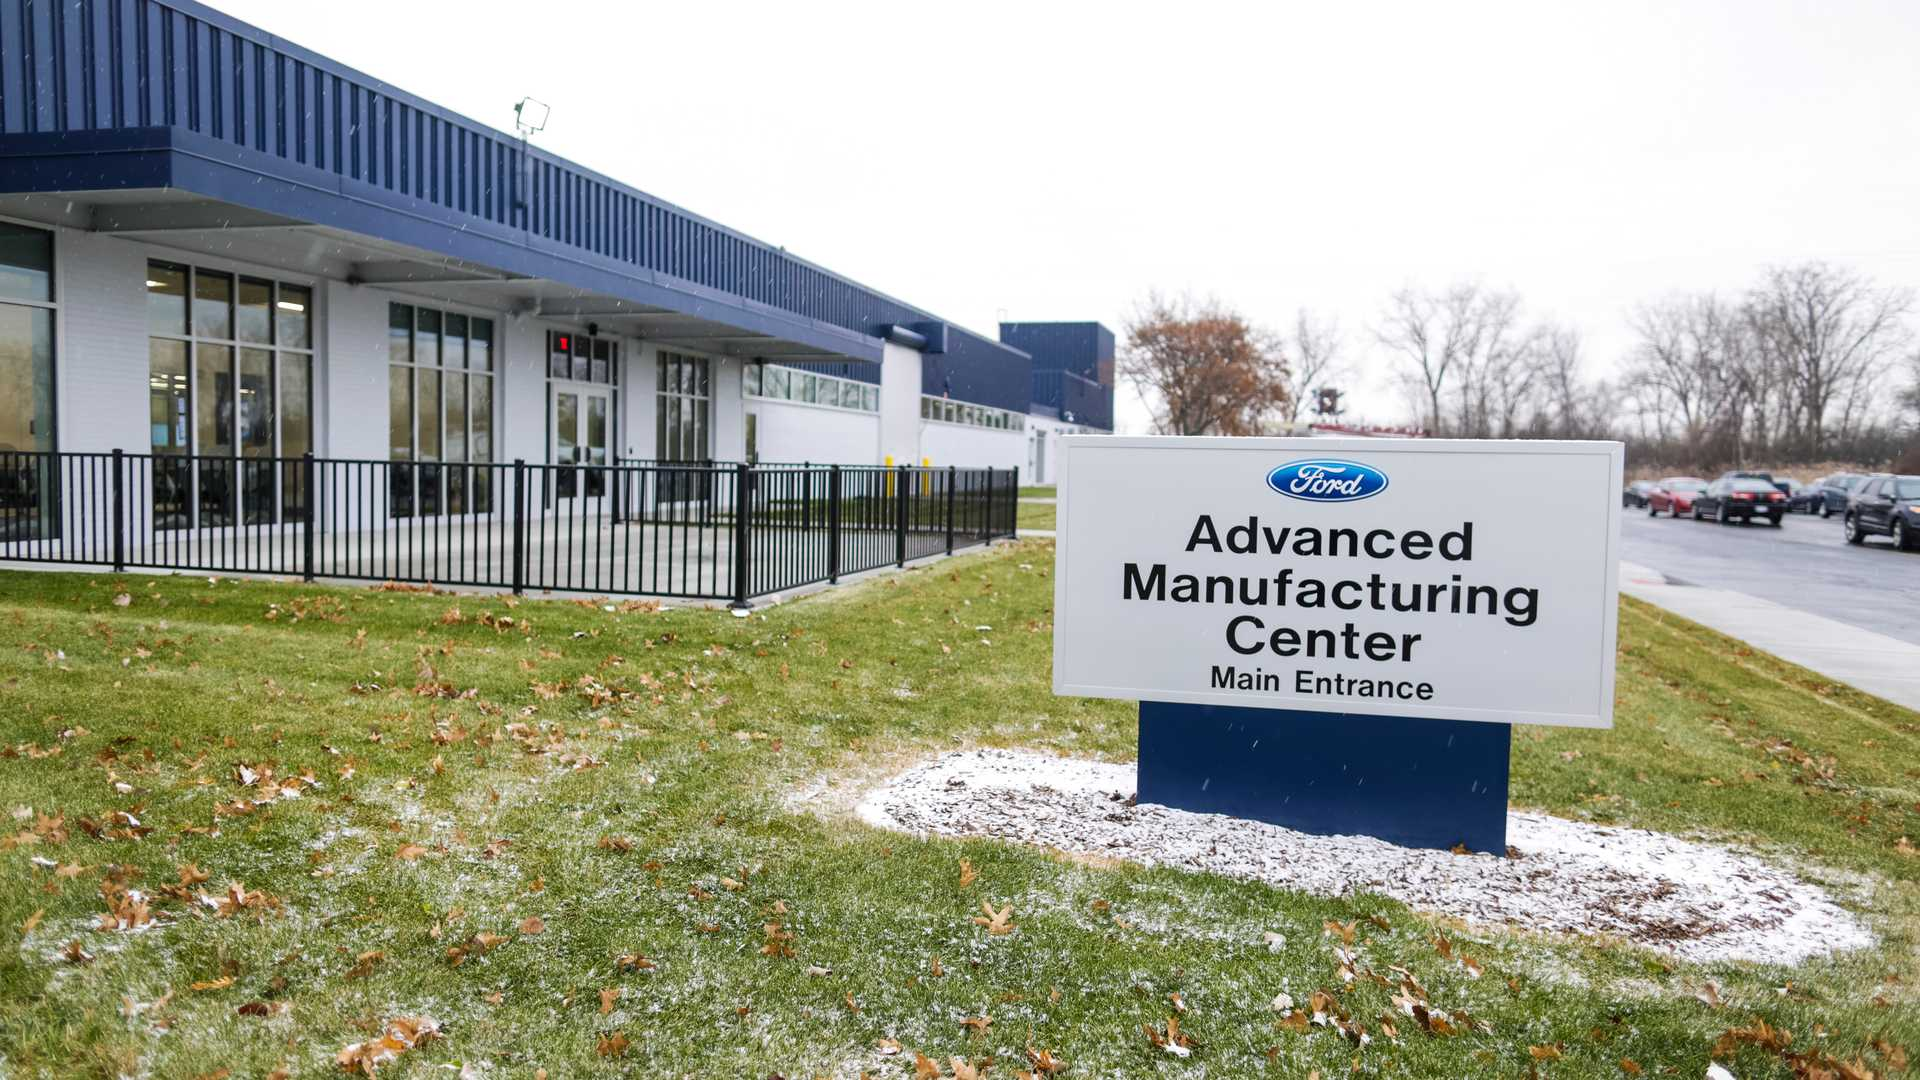 Ford построил центр передовых автомобильных технологий